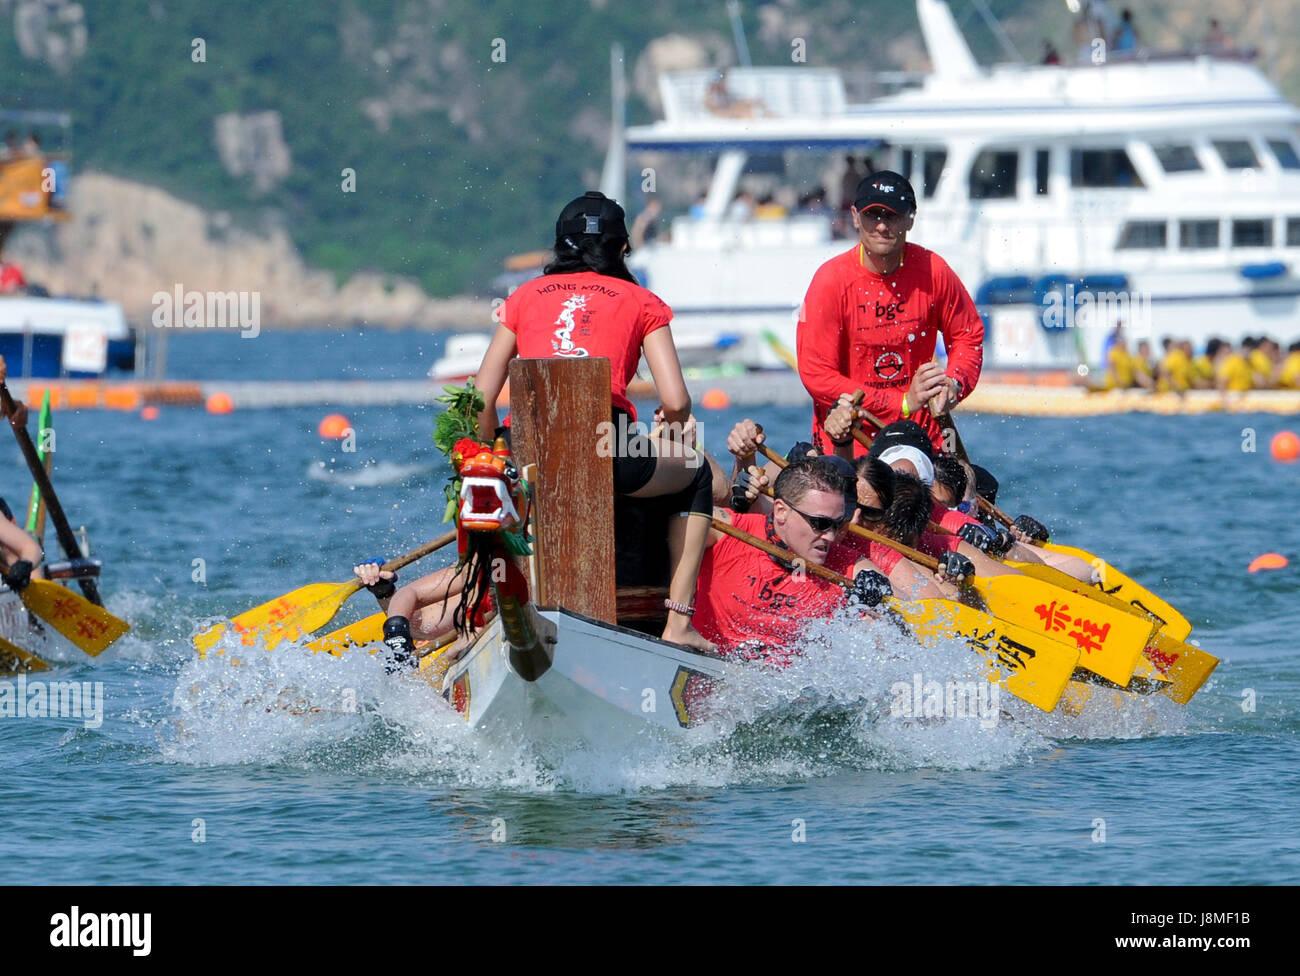 Team Stormies.Annual International Dragon Boat races at Stanley Beach, Hong Kong Island, Hong Kong. - Stock Image